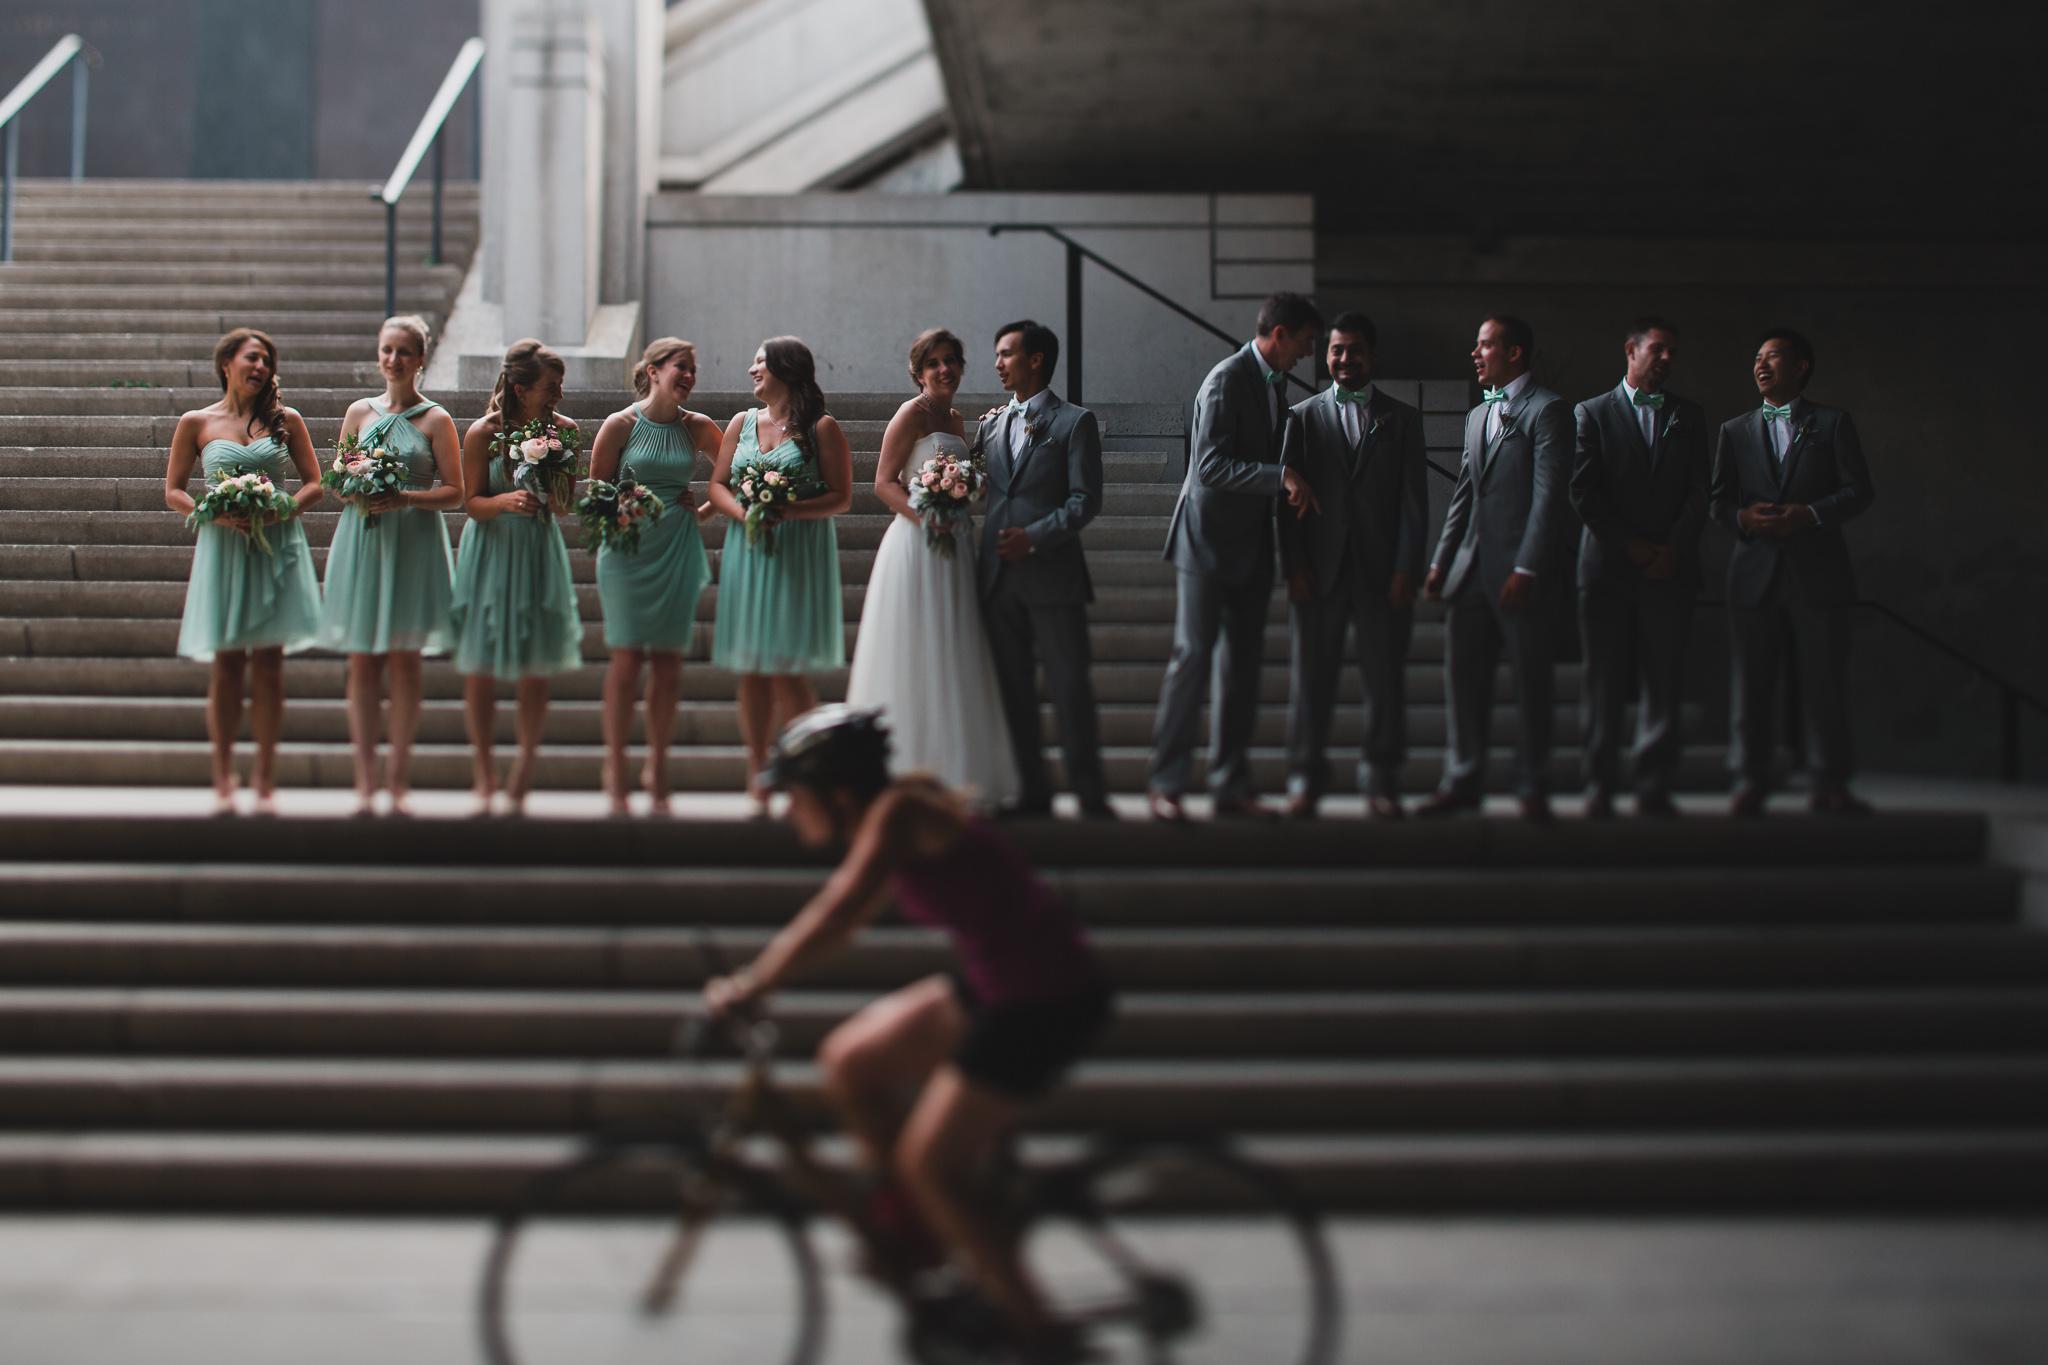 Photobombed wedding party